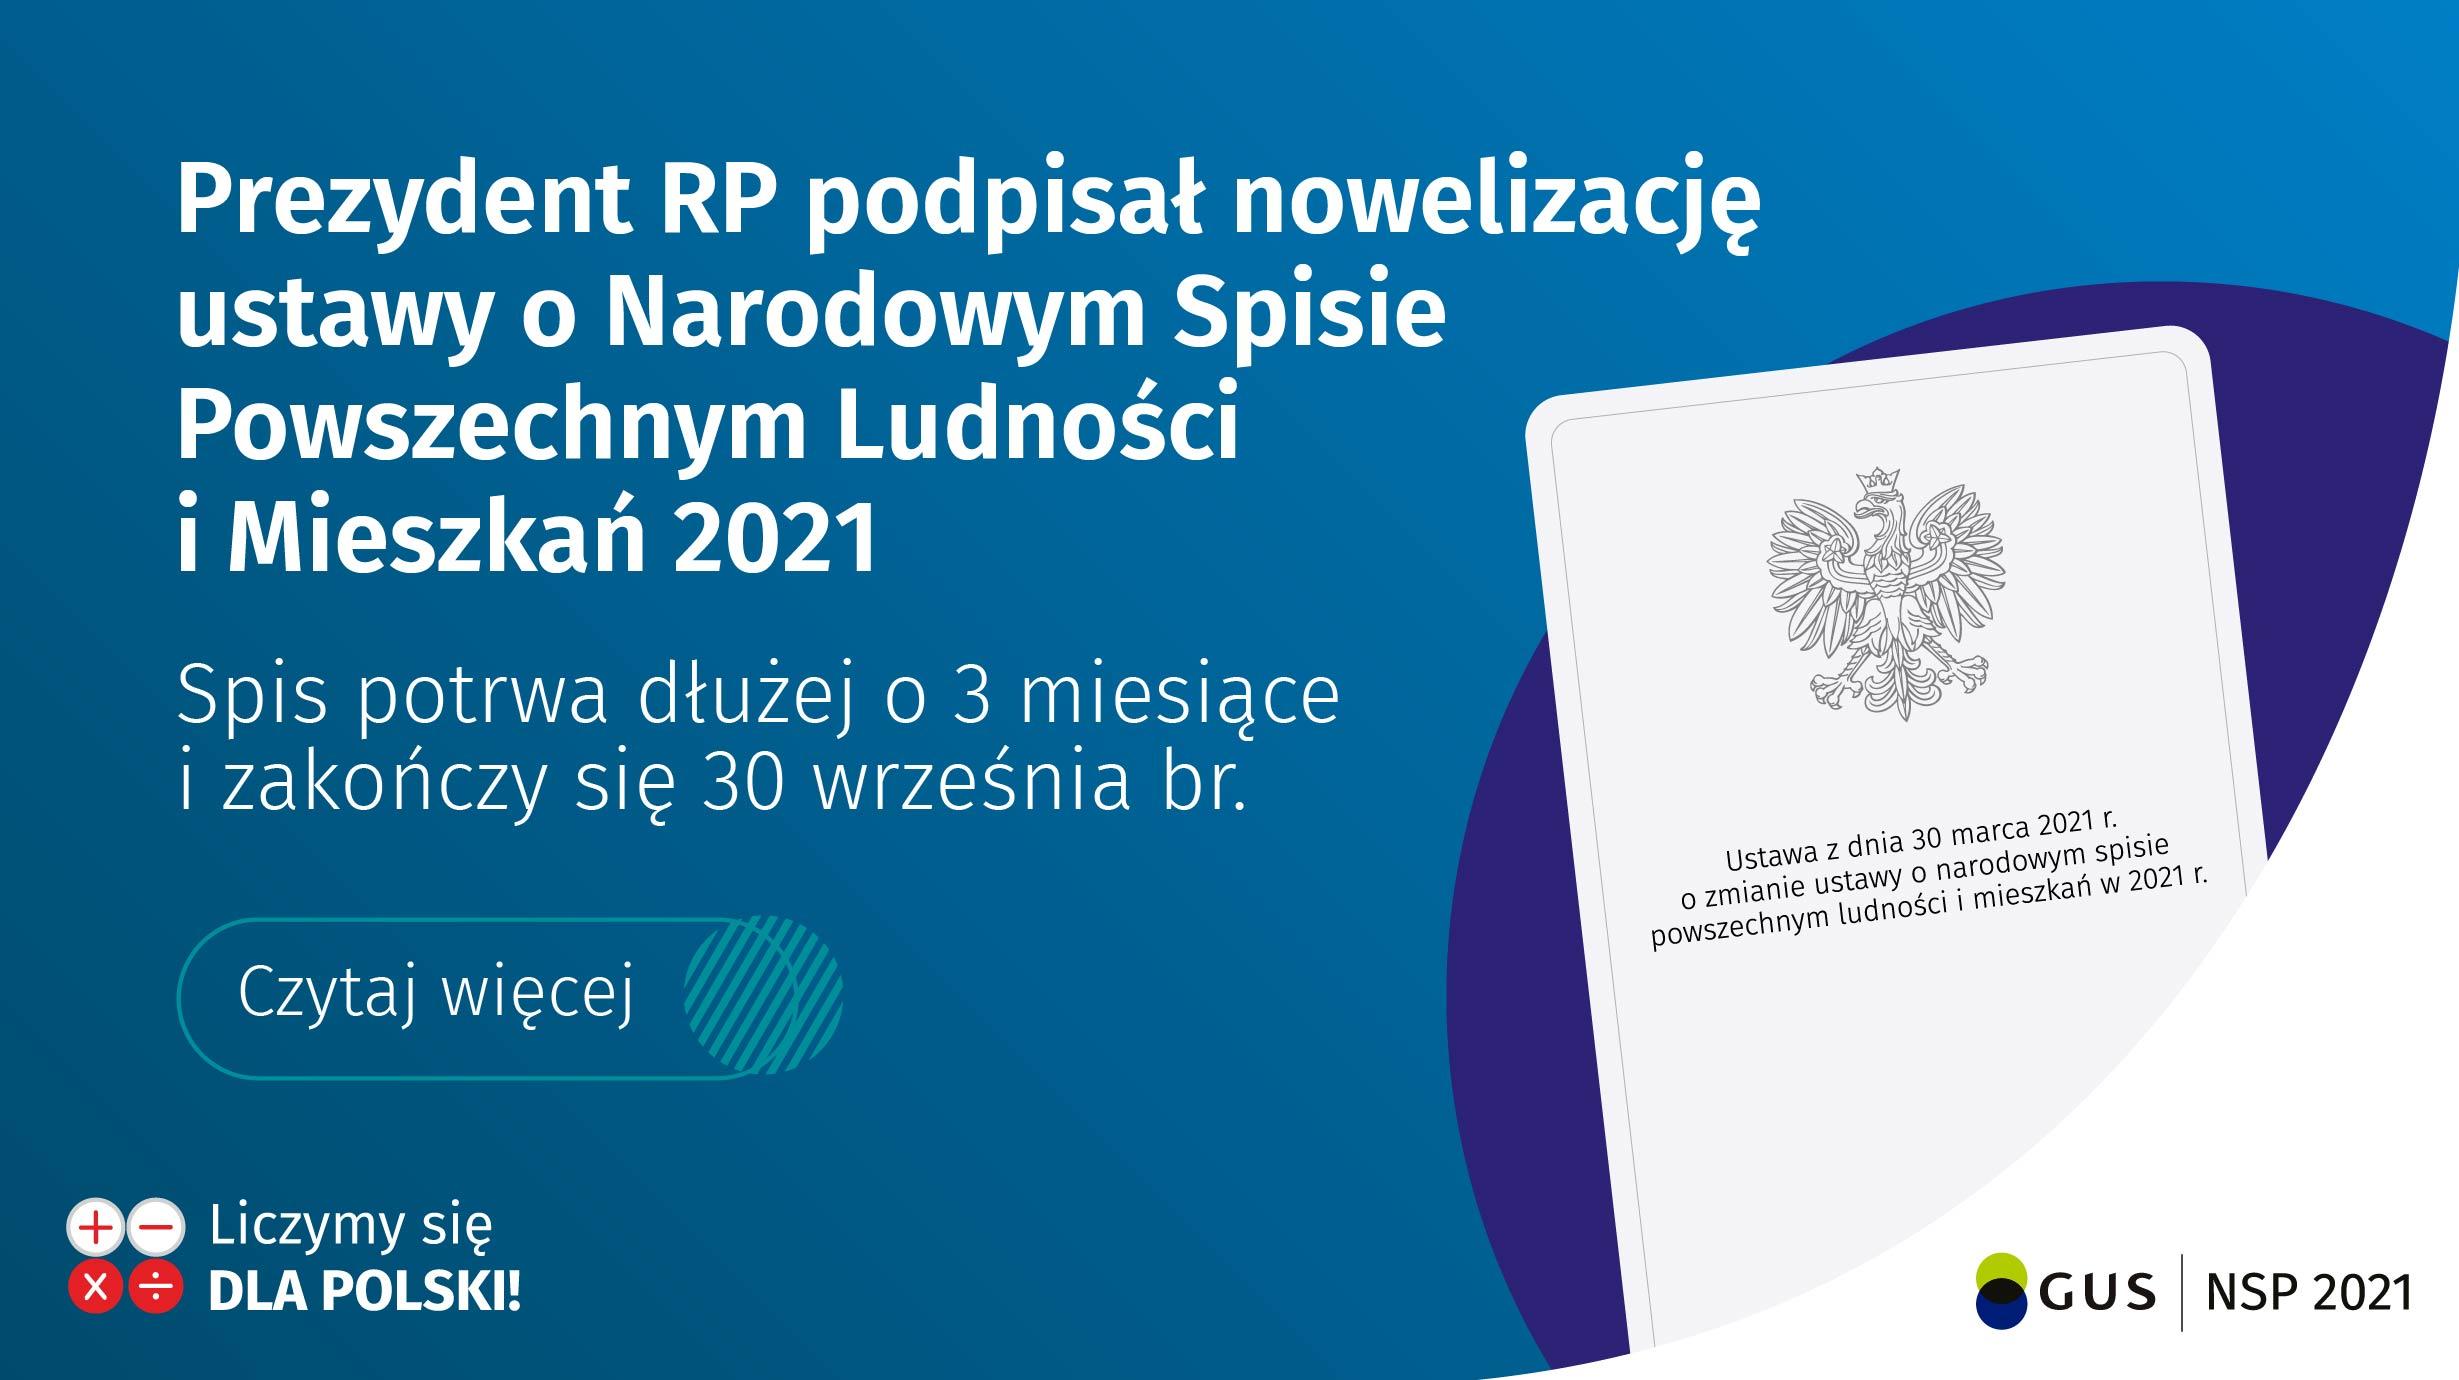 Informacja o przedłużeniu terminu NSP o 3 miesiące